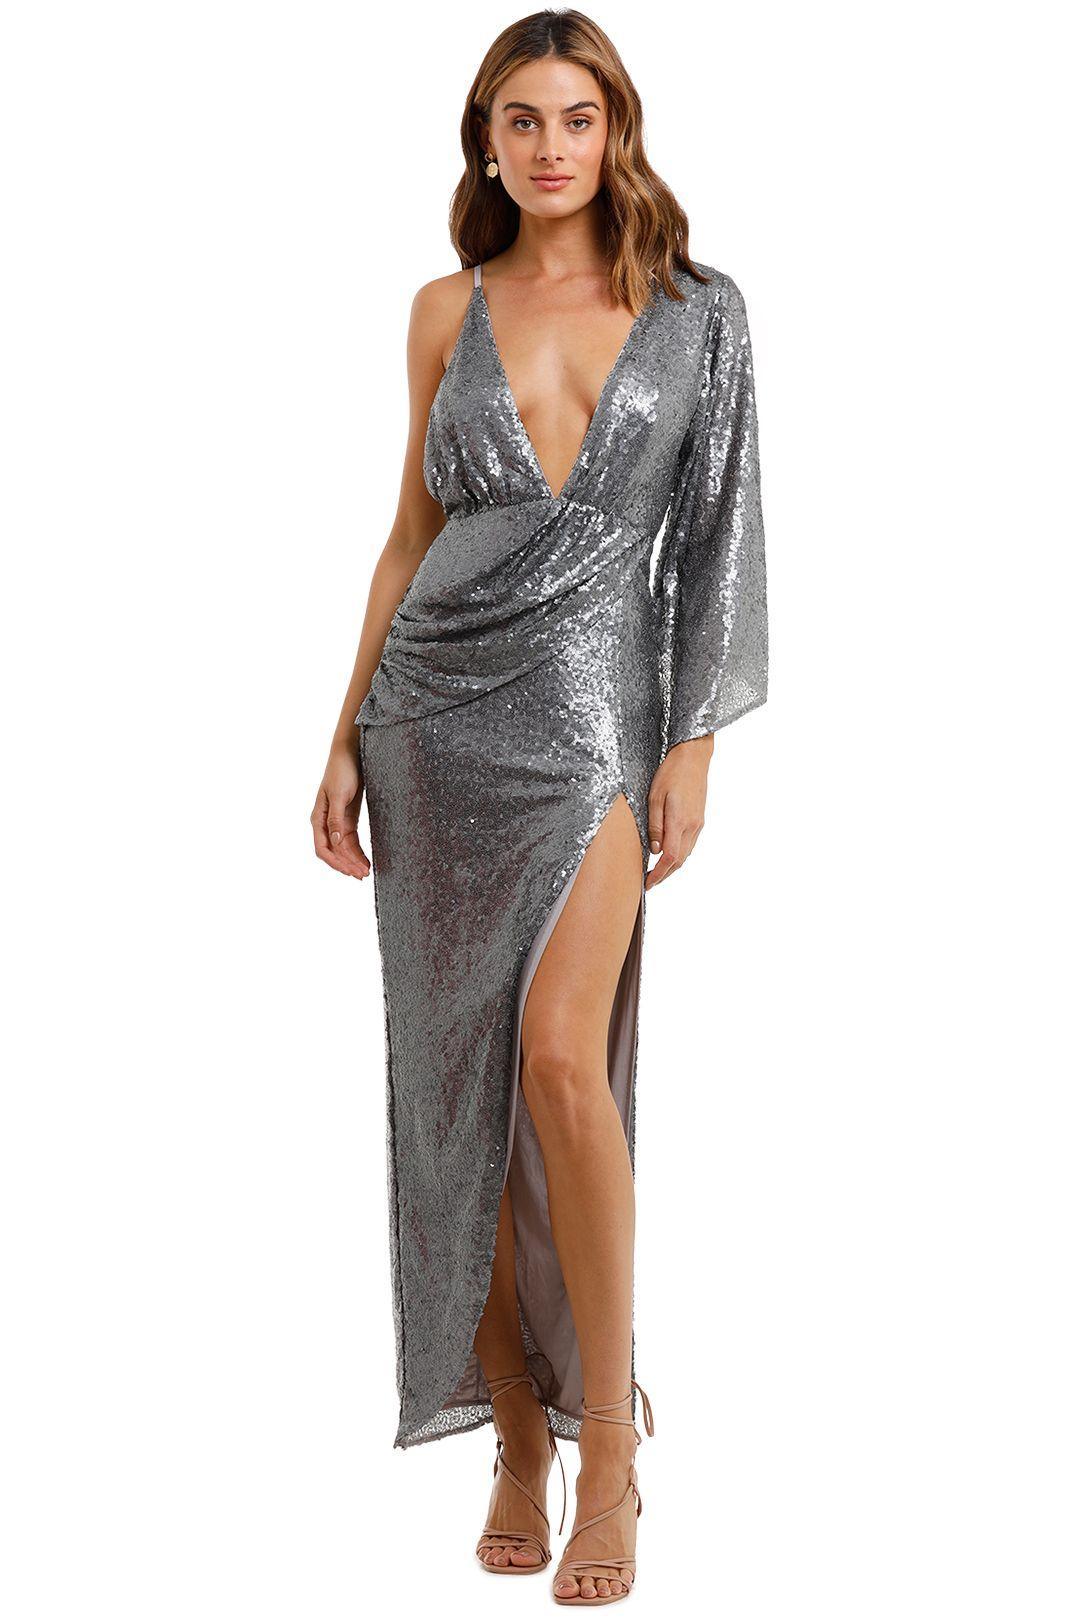 Elle Zeitoune Tinley Dresssequin Gown Silver Sequin